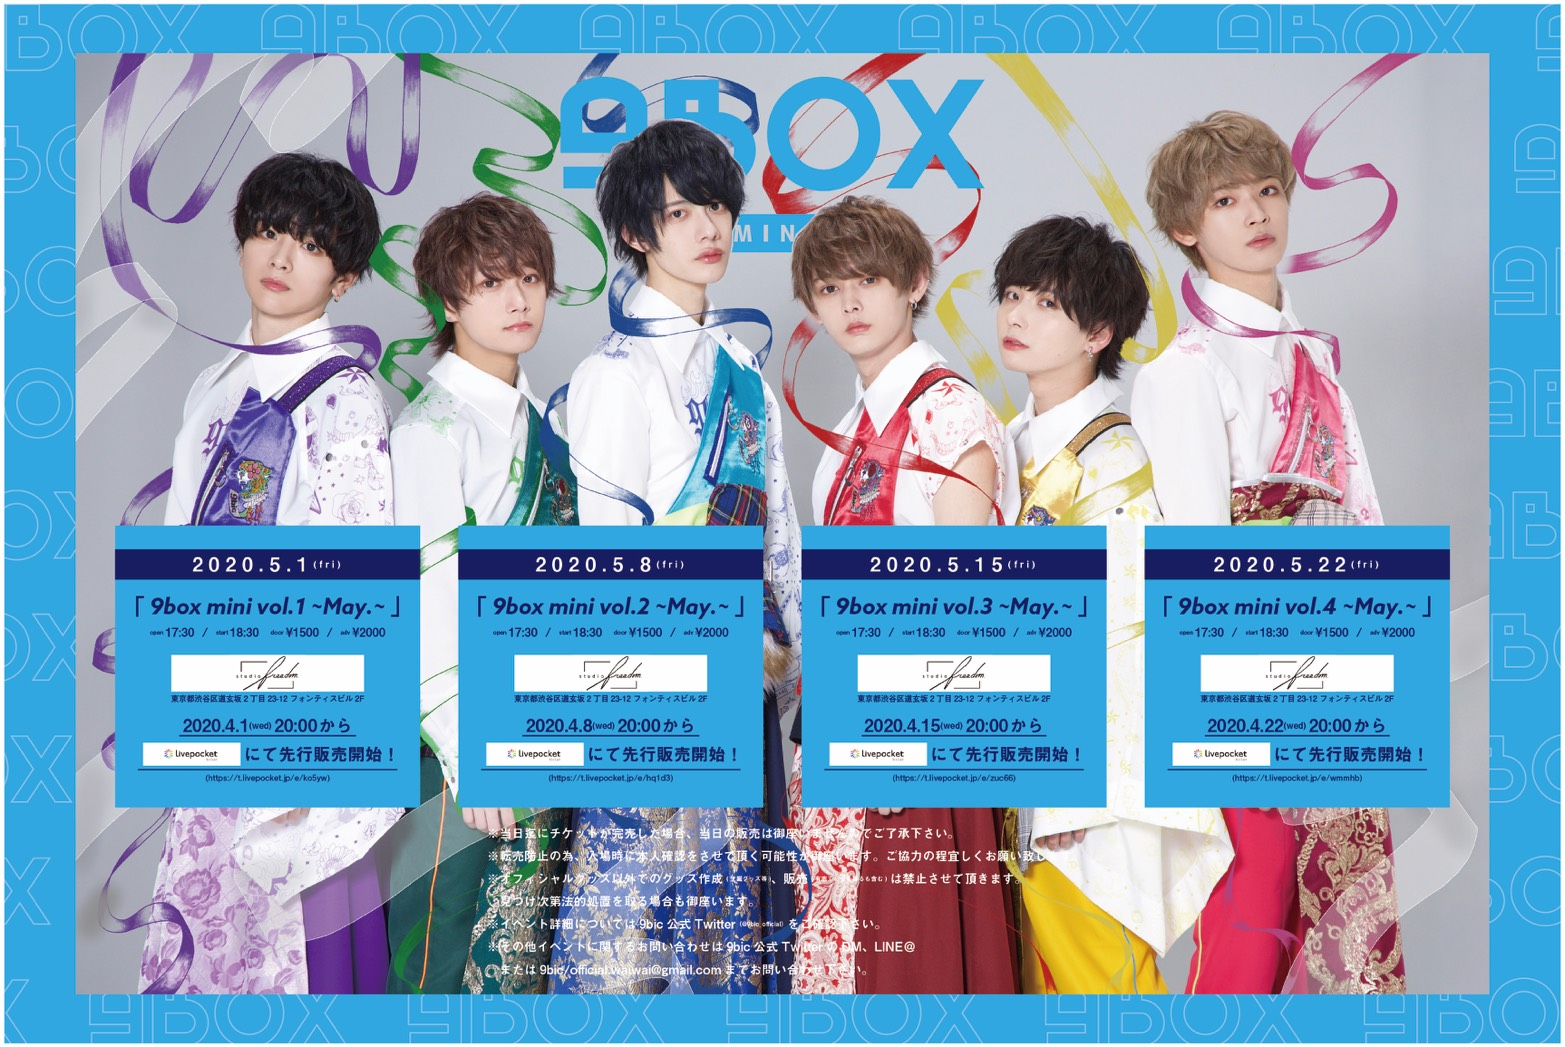 9box mini vol.4 ~May.~